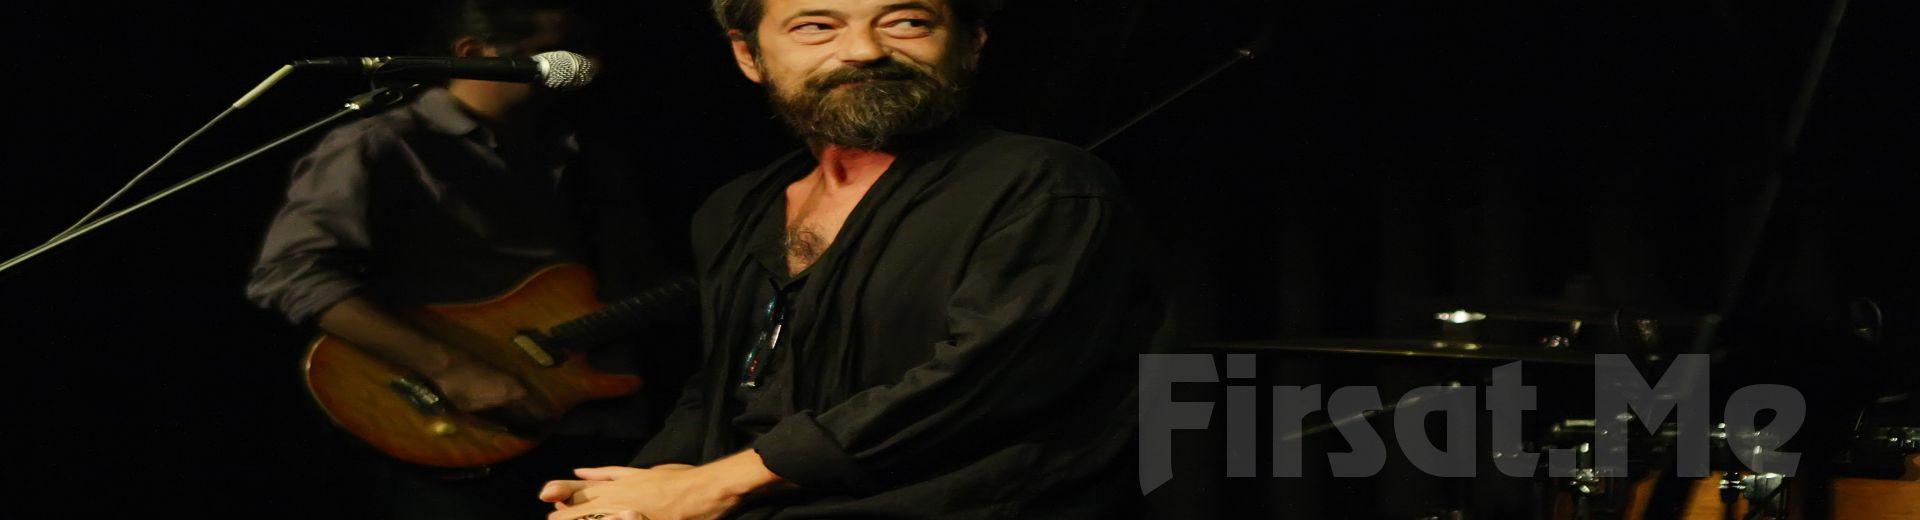 Beyoğlu Sanat Performance'ta 12 Ağustos'ta FERİDUN DÜZAĞAÇ Açık Hava Konseri Giriş Bileti!